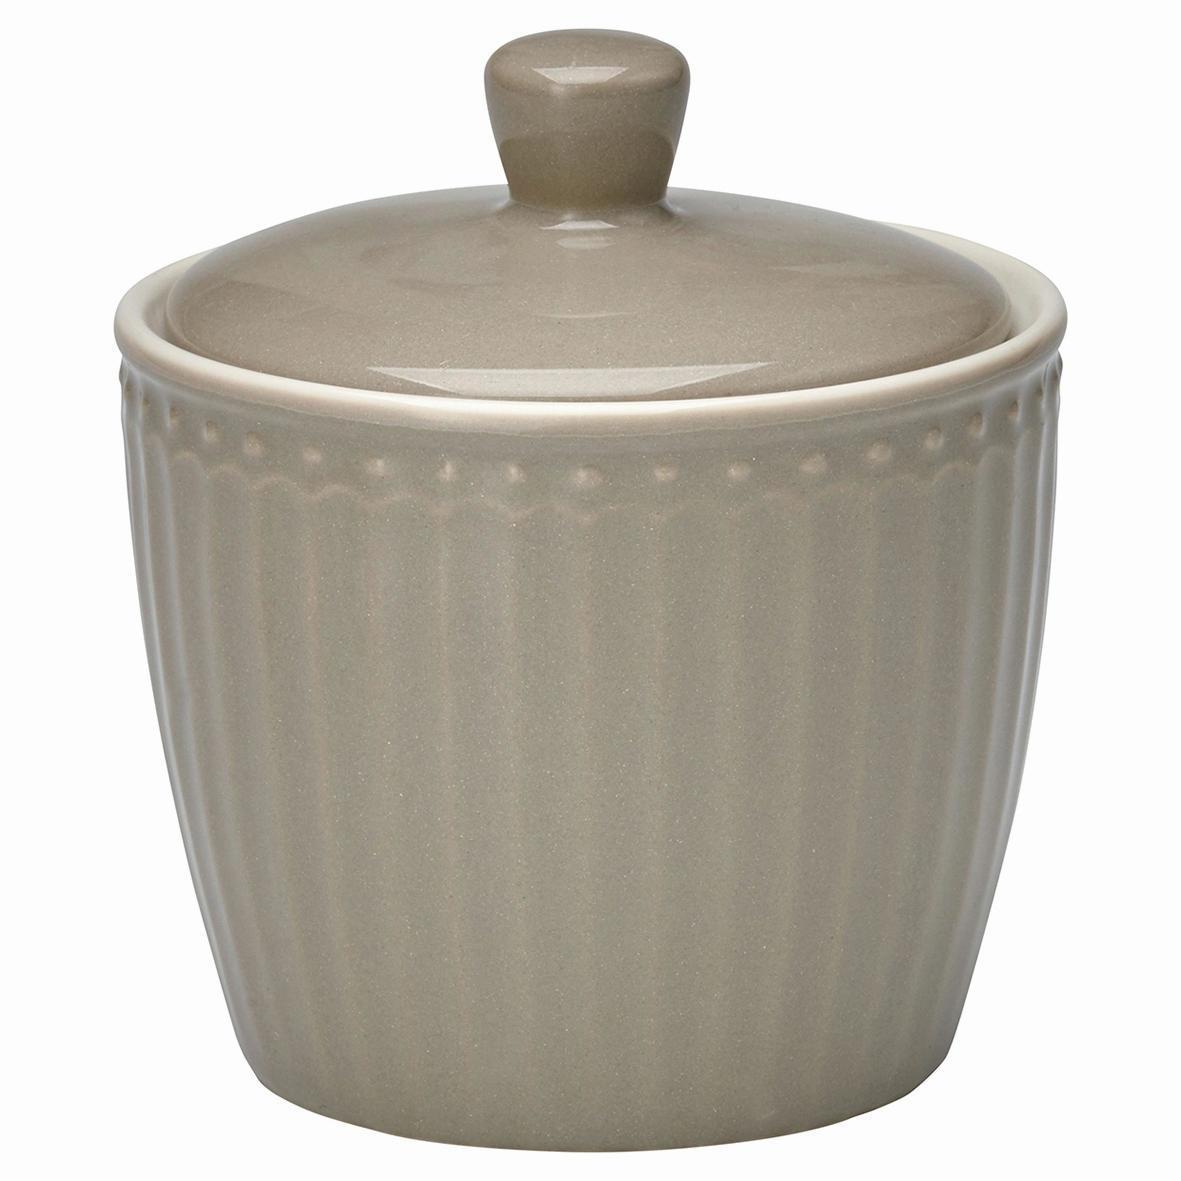 GREEN GATE Porcelánová cukřenka Alice warm grey, šedá barva, porcelán